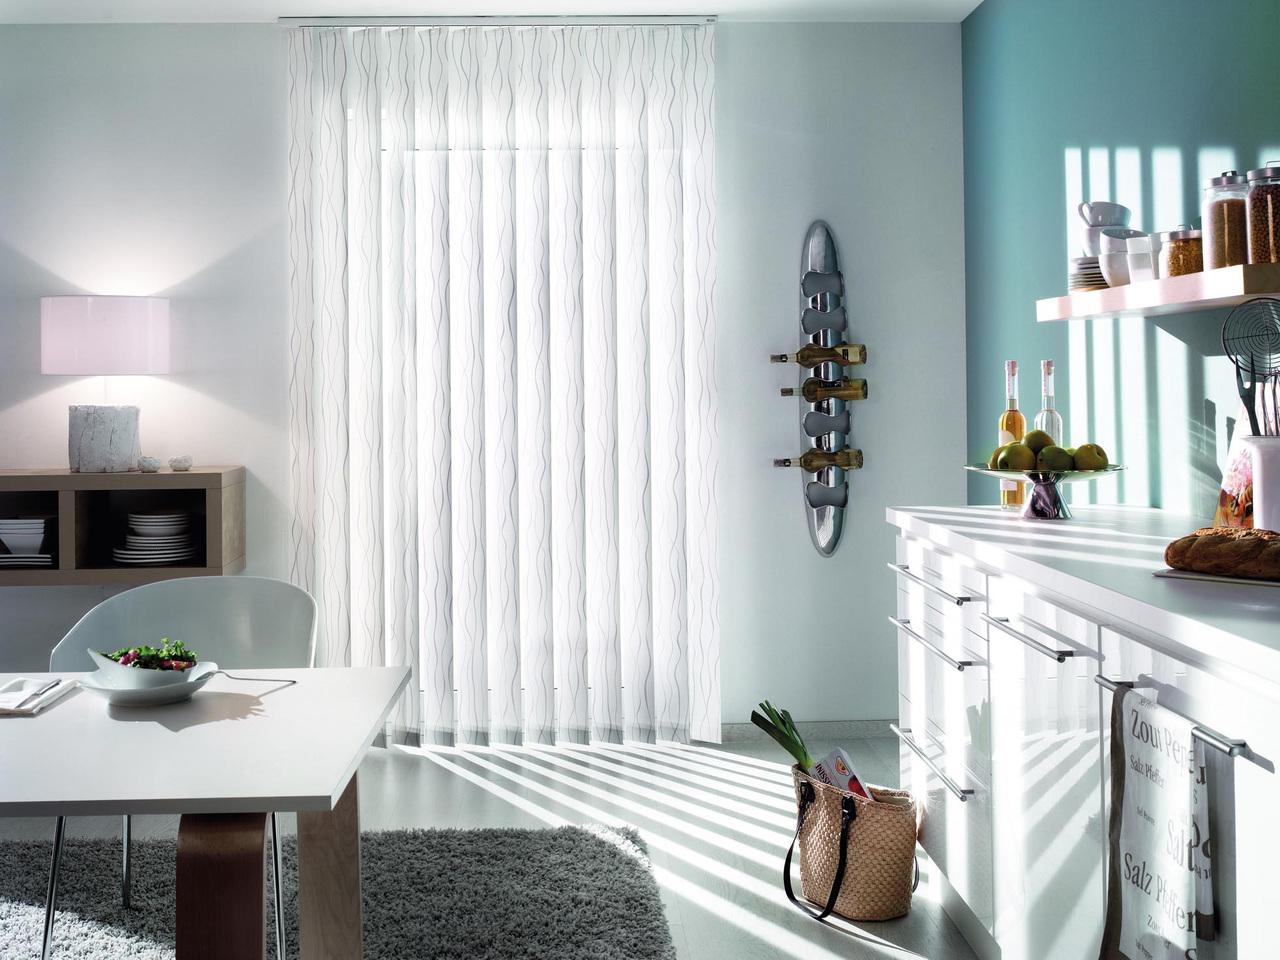 lamellen lamellen vorh nge als multi talent f r dekoration sichtschutz blendschutz und. Black Bedroom Furniture Sets. Home Design Ideas